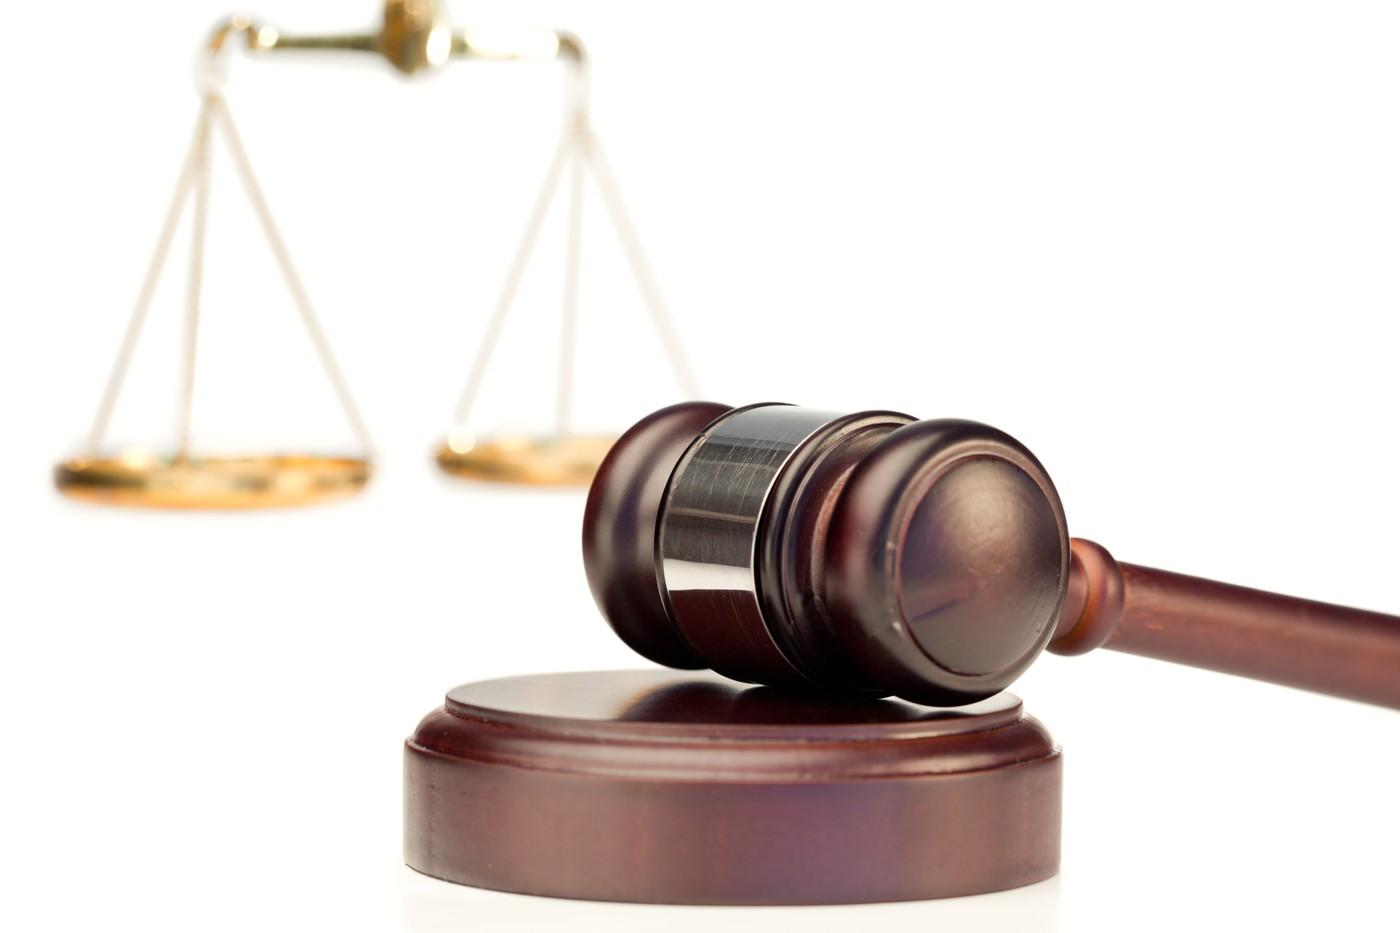 Specijalni sud pozvao još jednog komandanta OVK